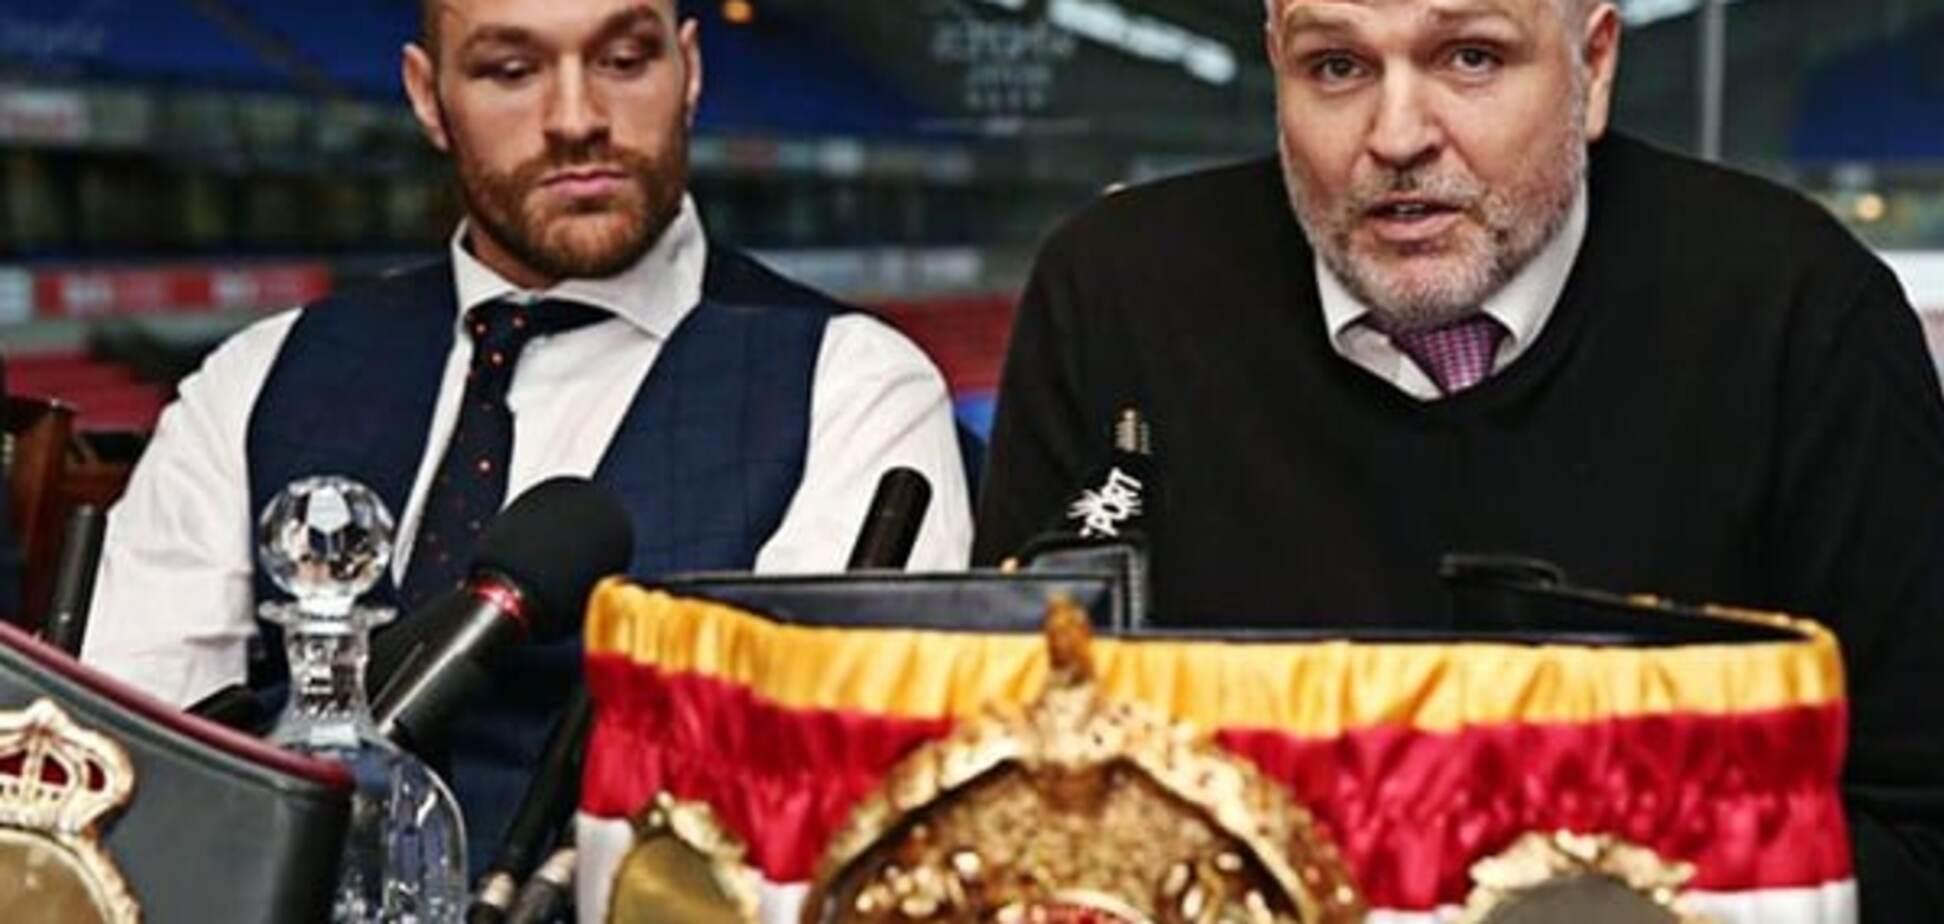 'Багато політичного лайна': тренер Ф'юрі зробив заяву про реванш із Кличком